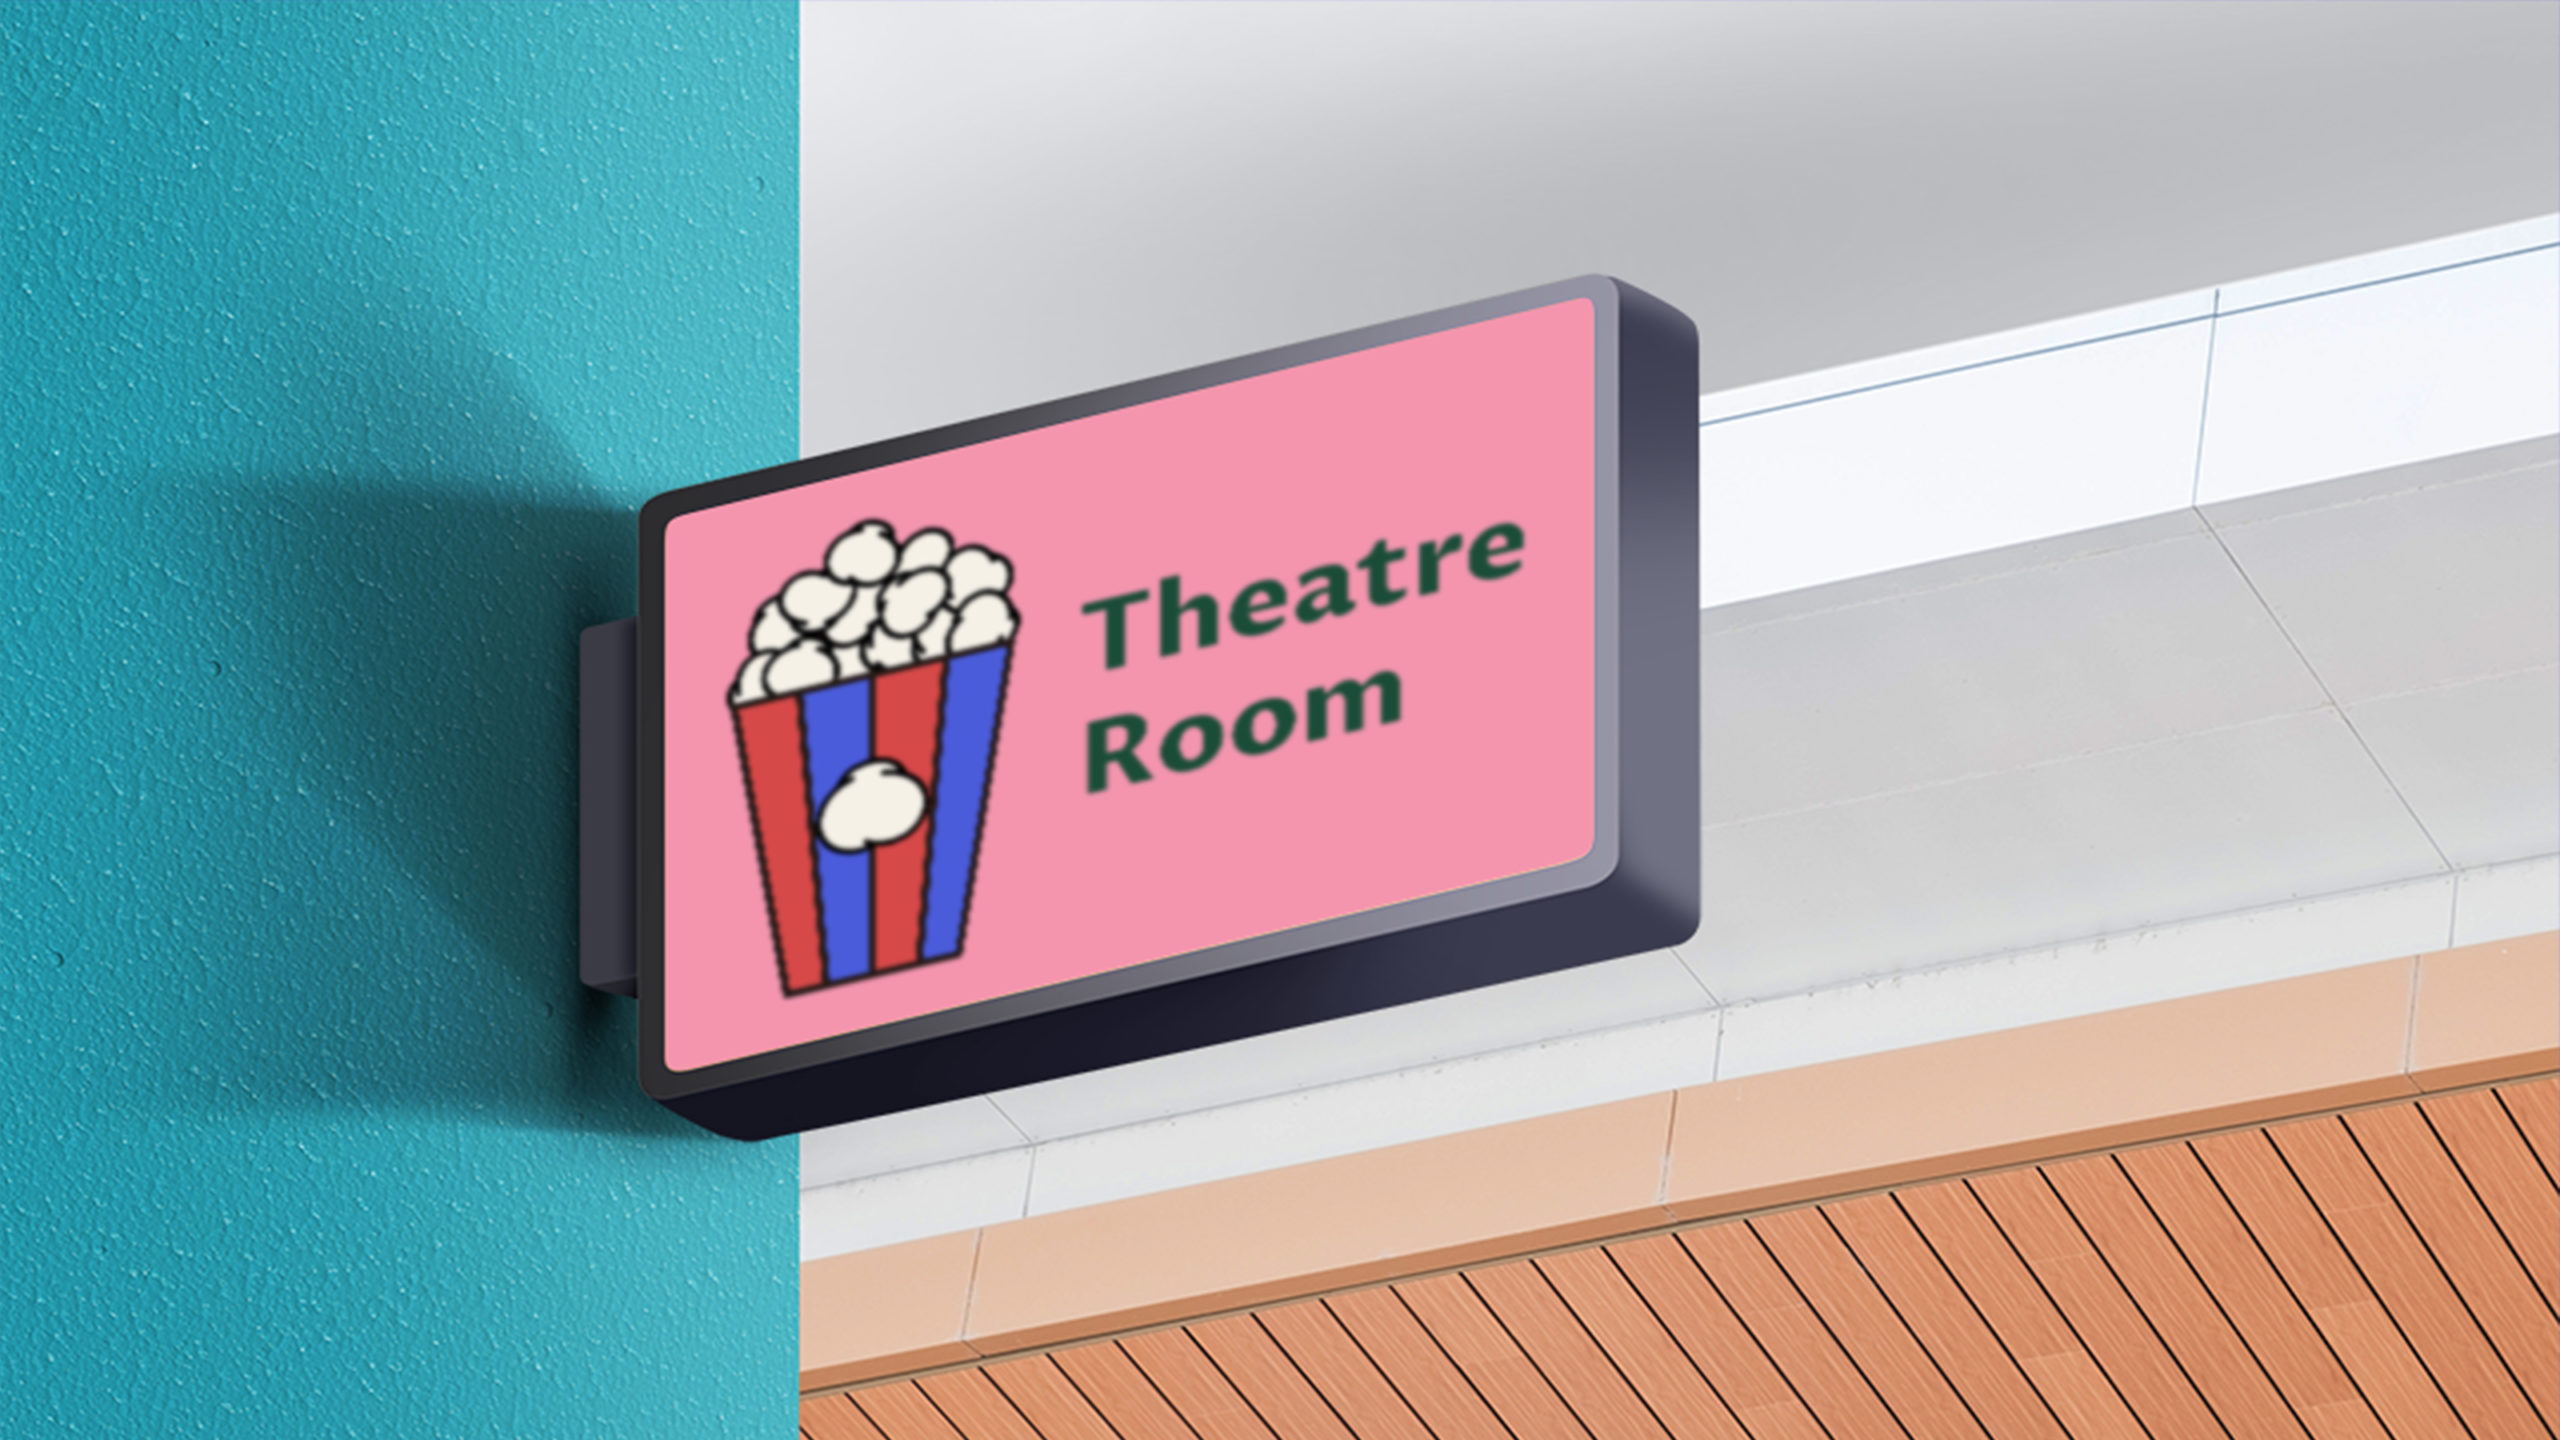 Theatre Room signage